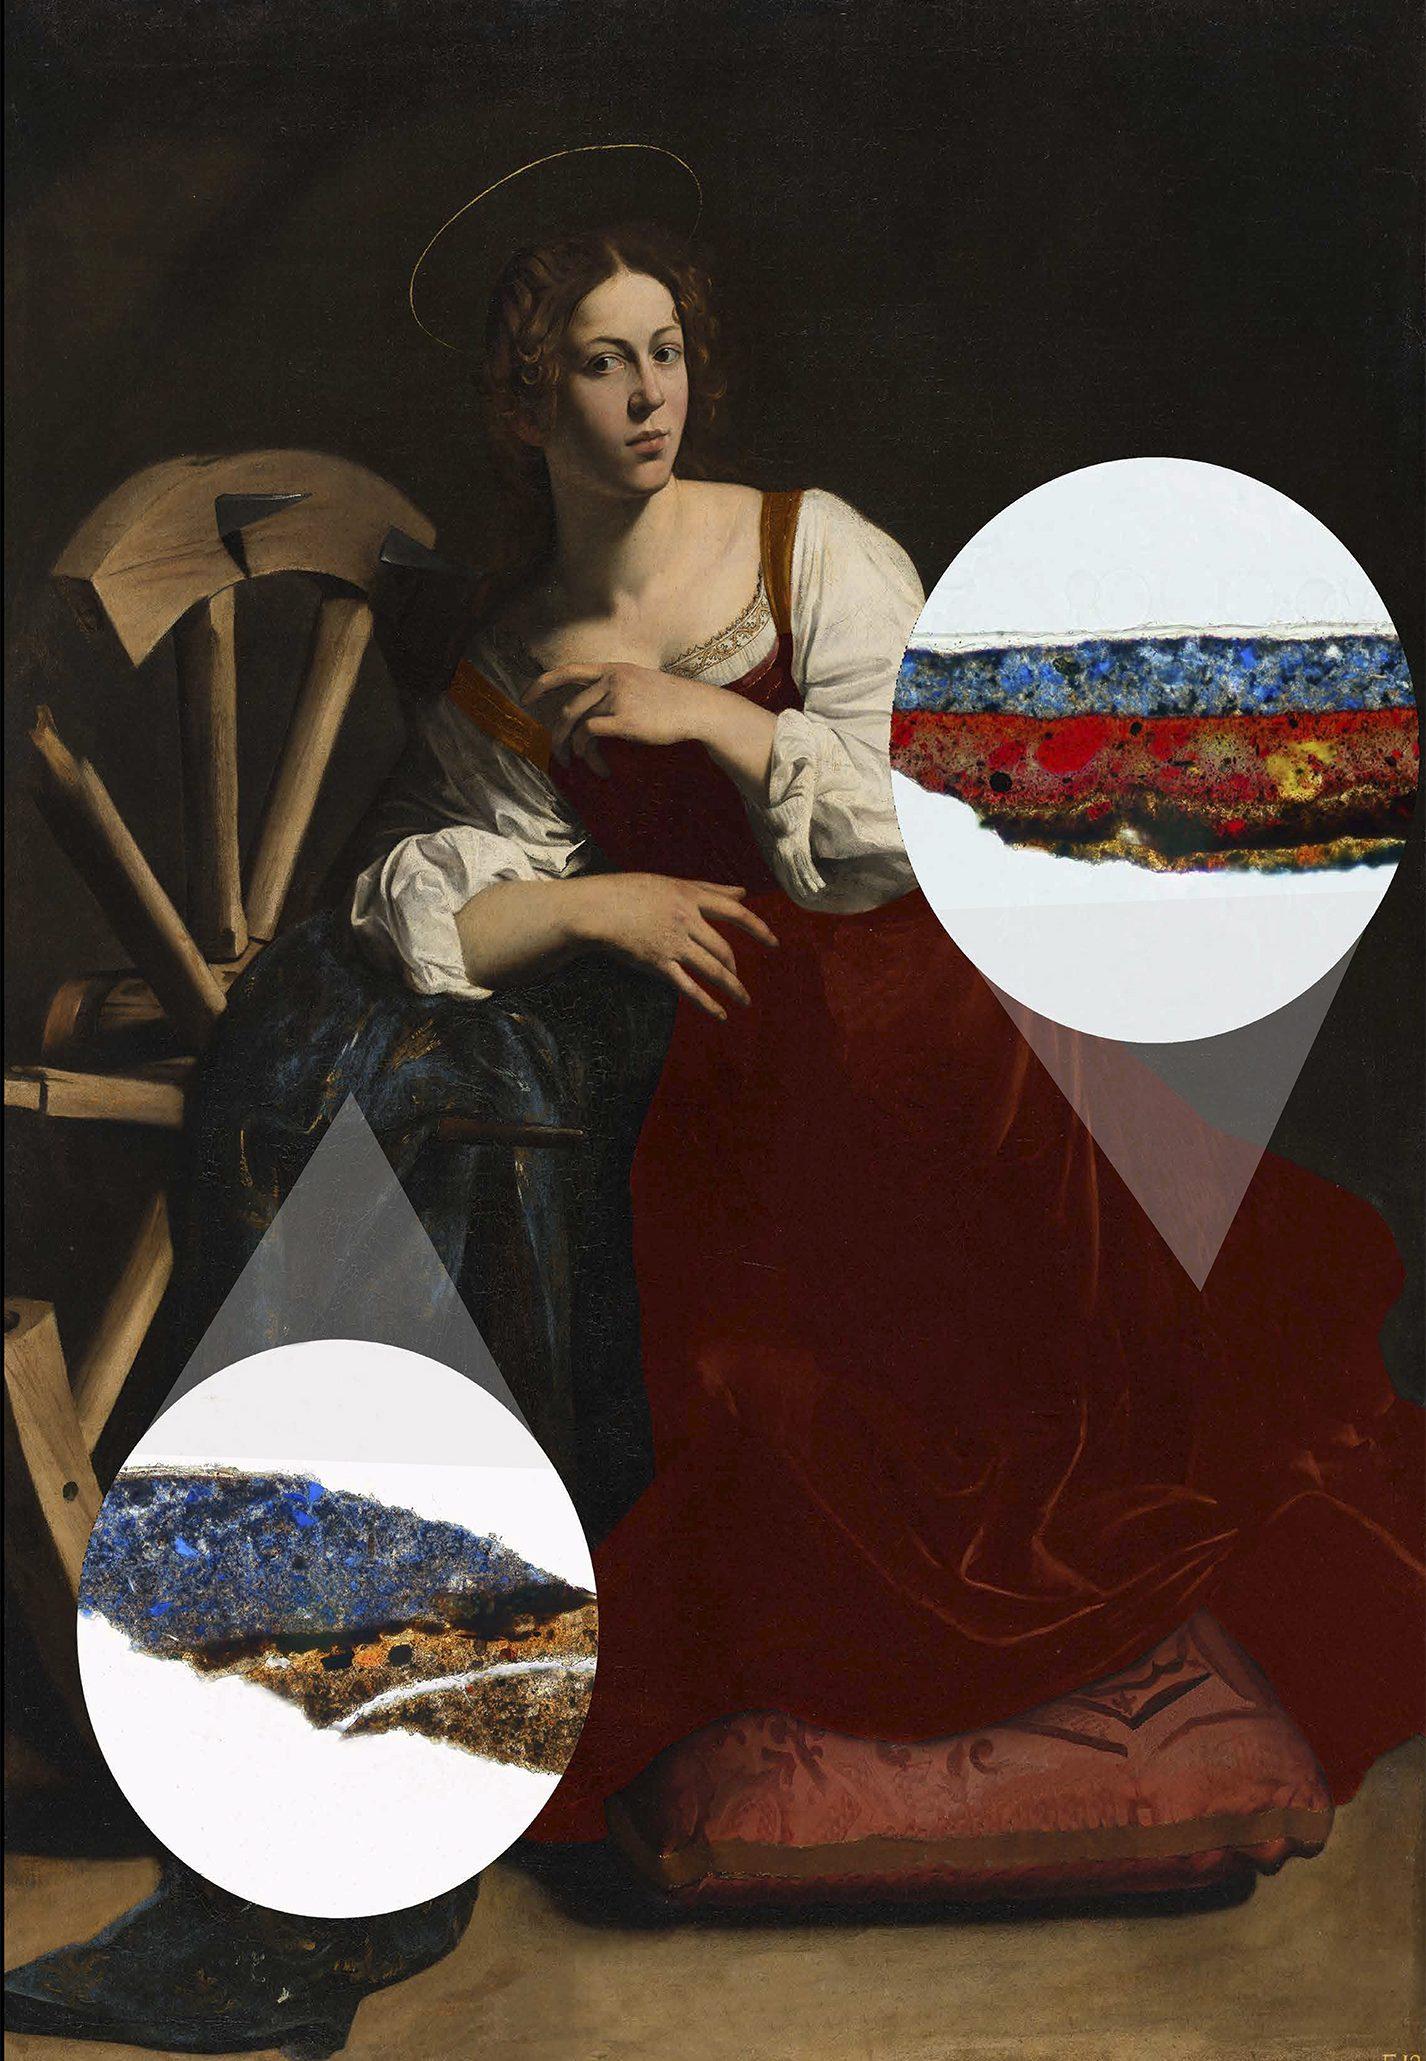 Hipotesis color vestido Caravaggio thyssen